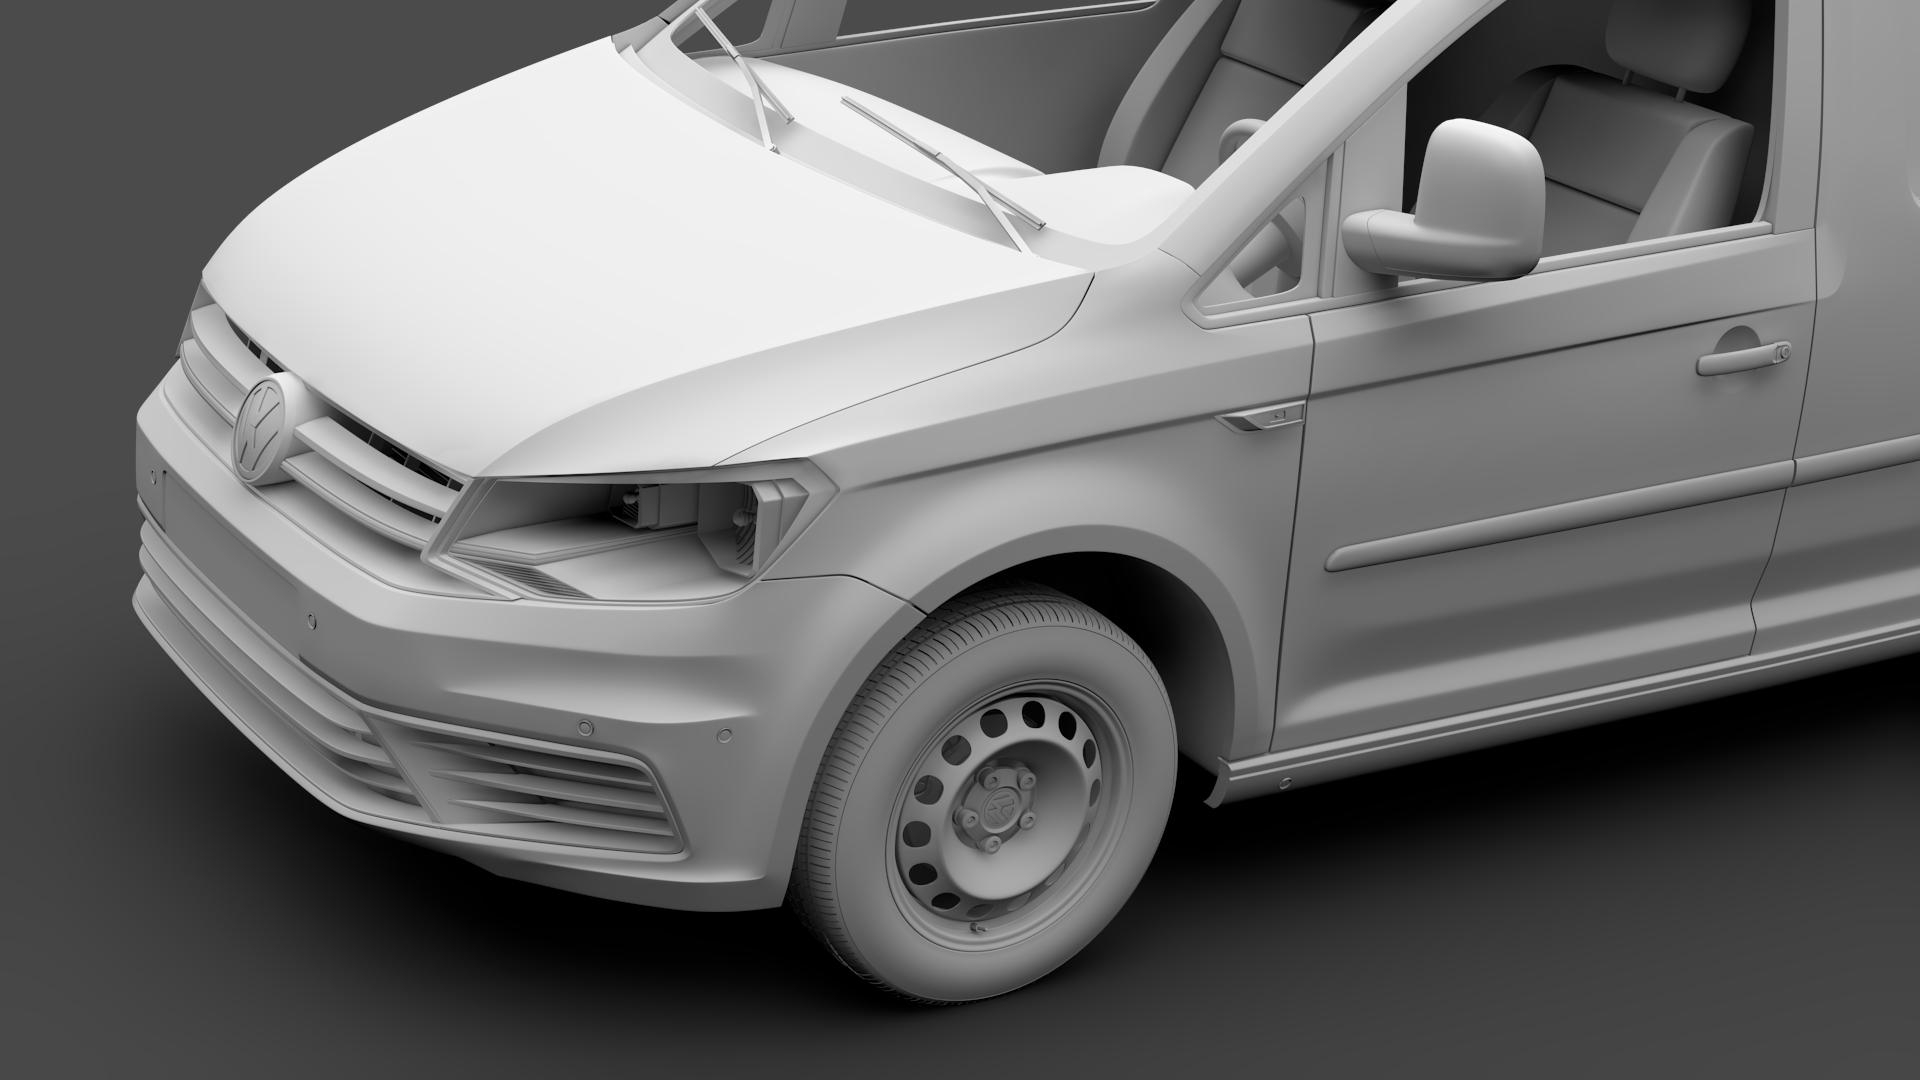 volkswagen caddy panel van l2 2017 3d model max fbx c4d lwo ma mb hrc xsi obj 274612